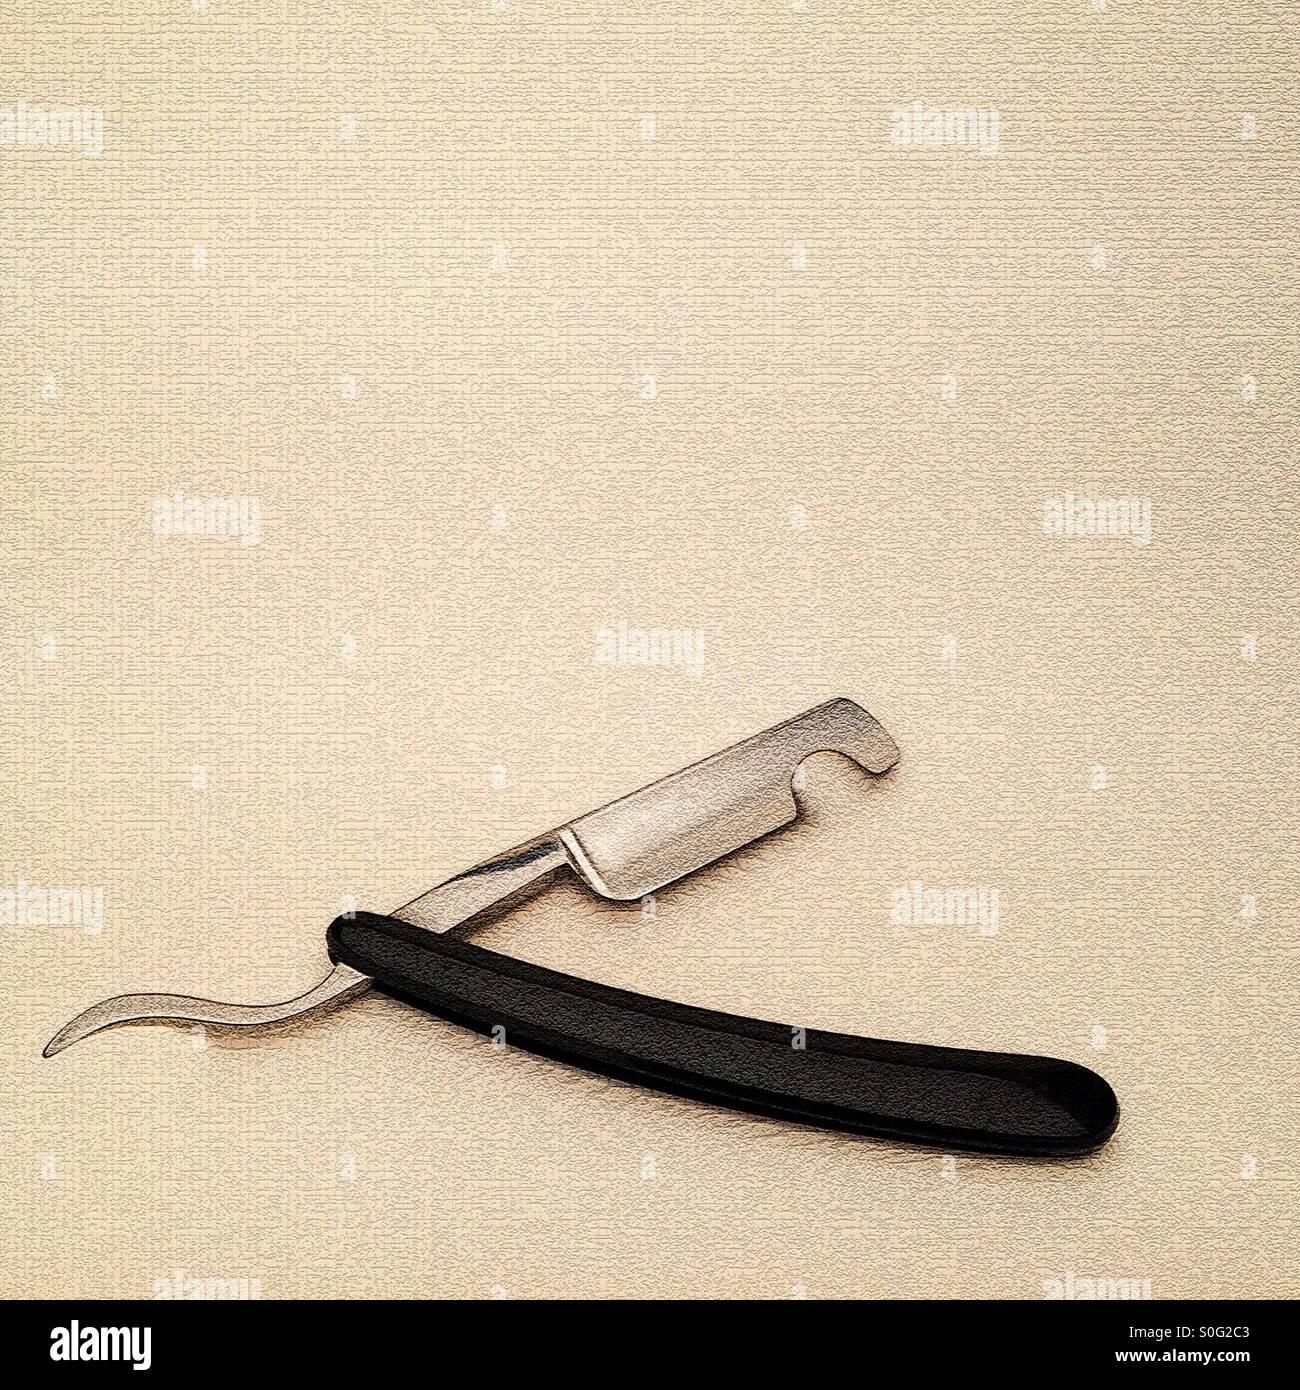 Image manipulée numériquement de rasoir coupe gorge impression artistique donnant d'une sci si punk Photo Stock